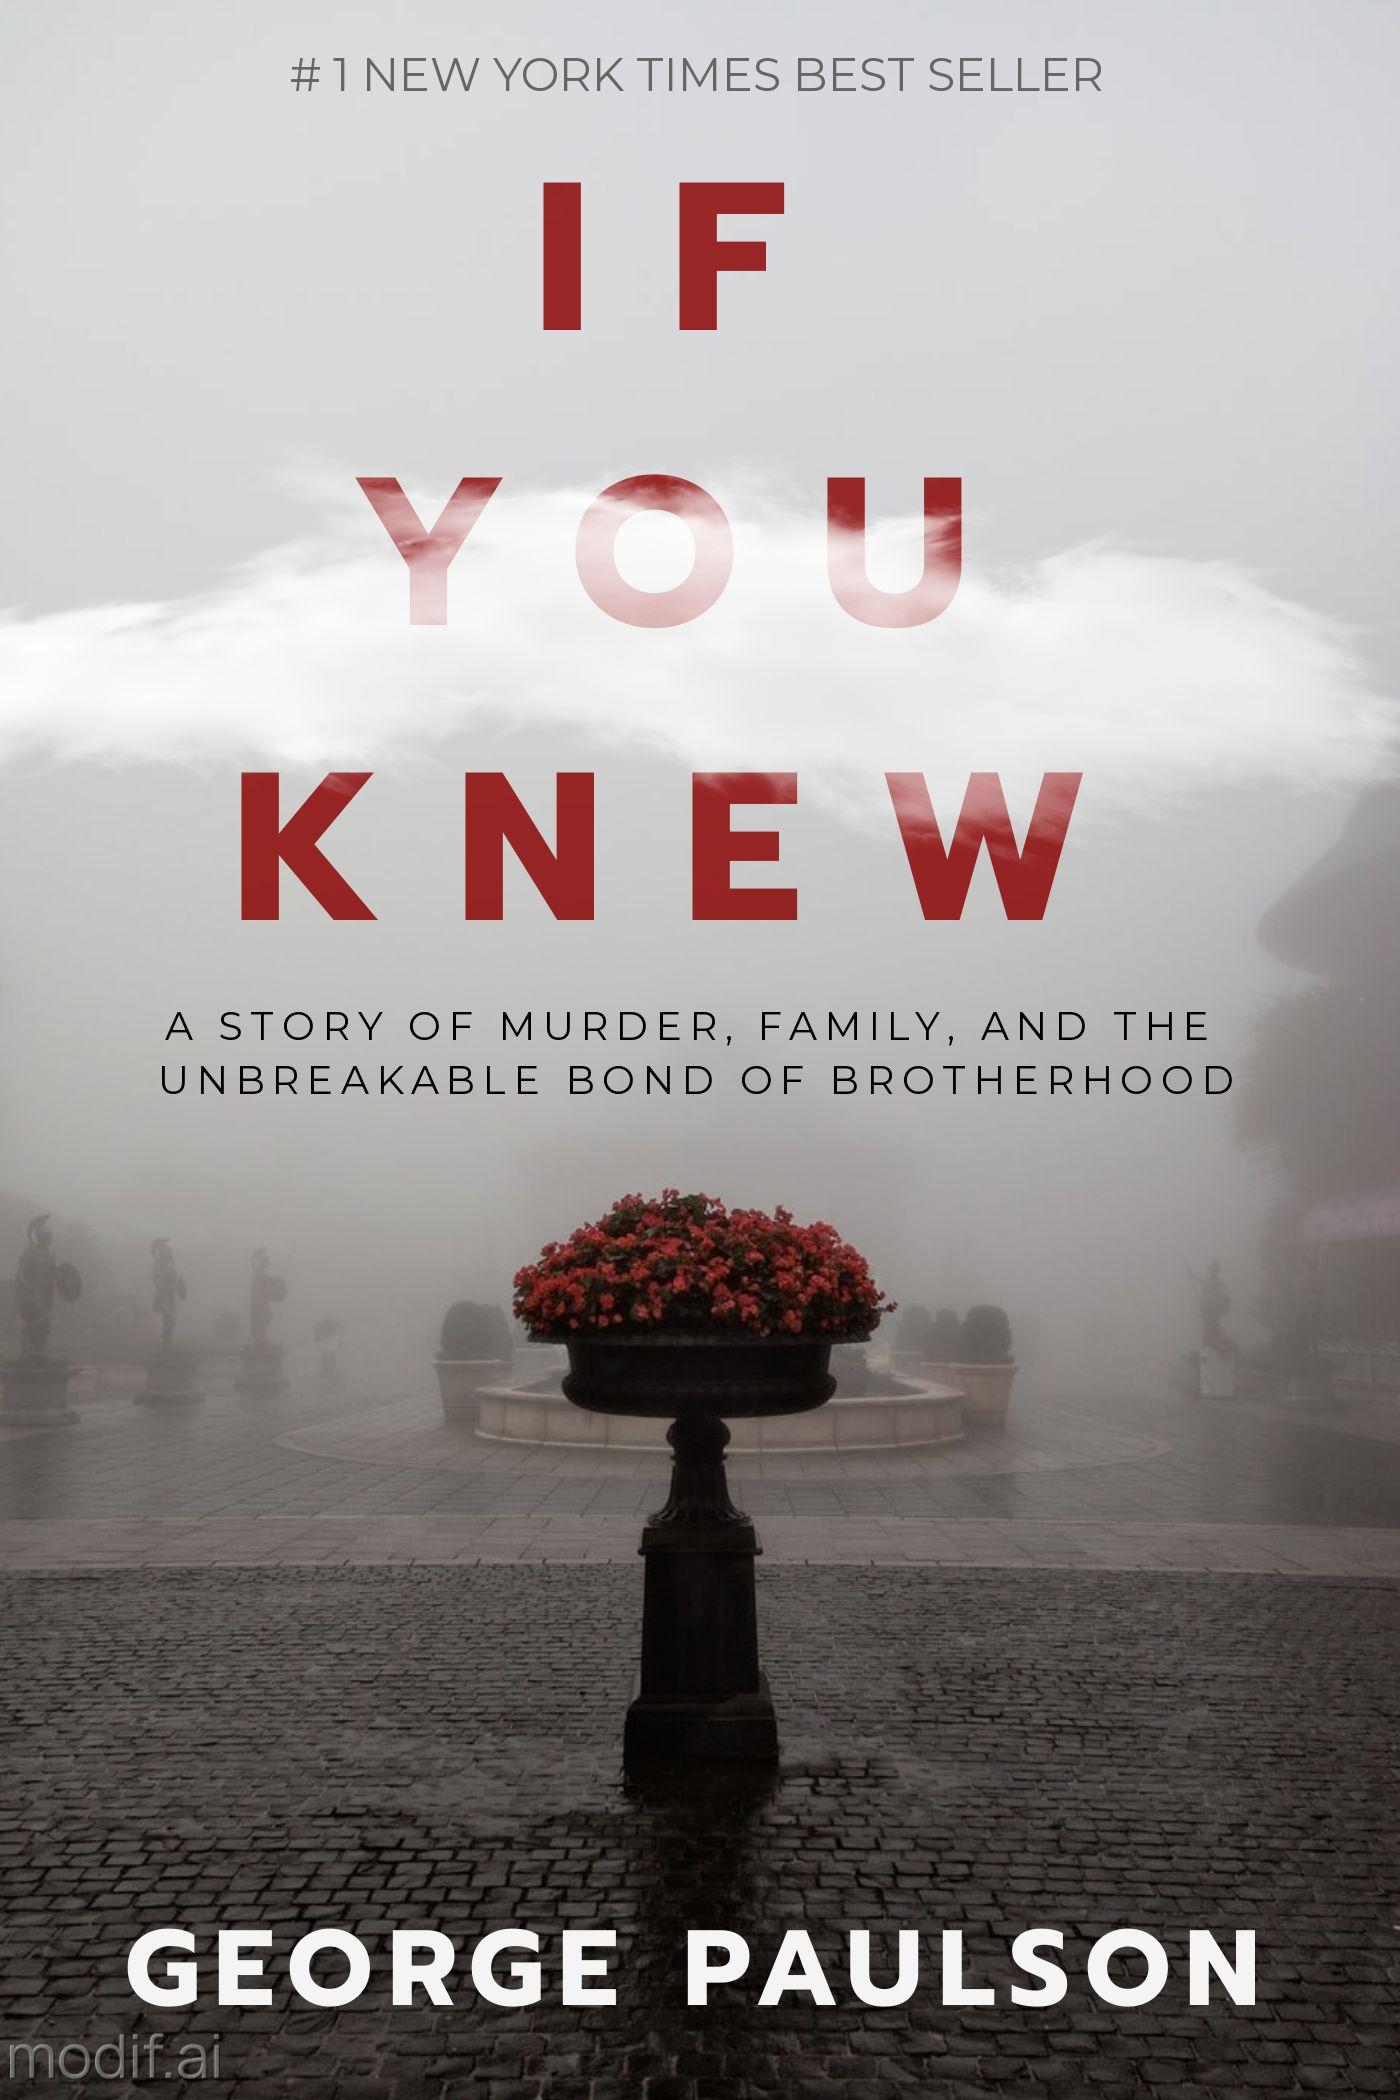 Dark Murder Mystery Book Cover Maker